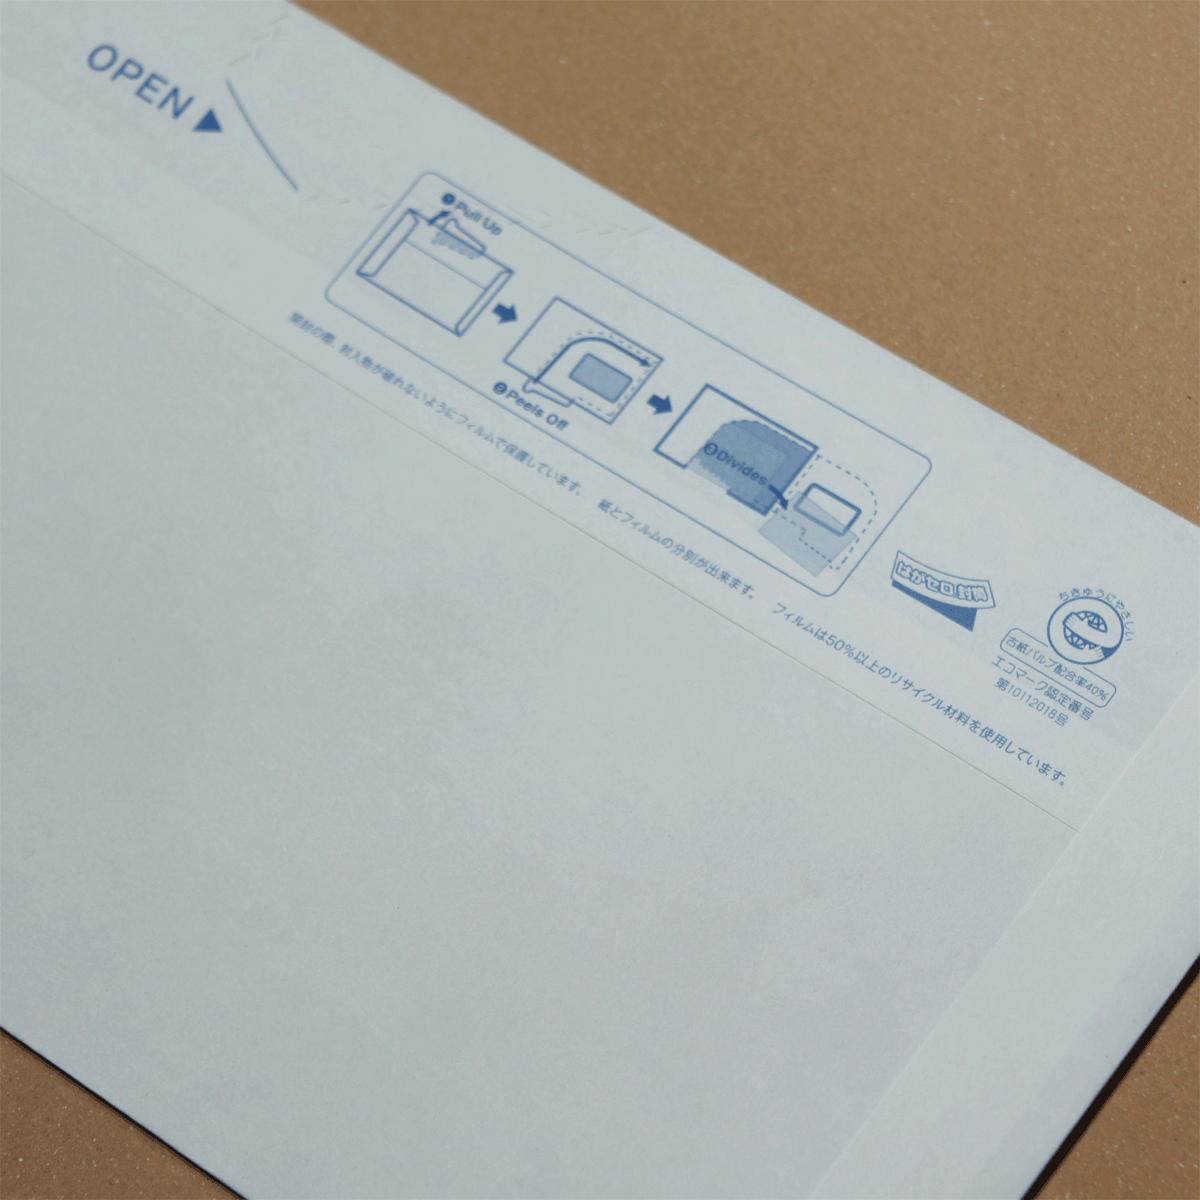 【はがセロ®】A4三ツ折封筒(地紋入)1,000枚入